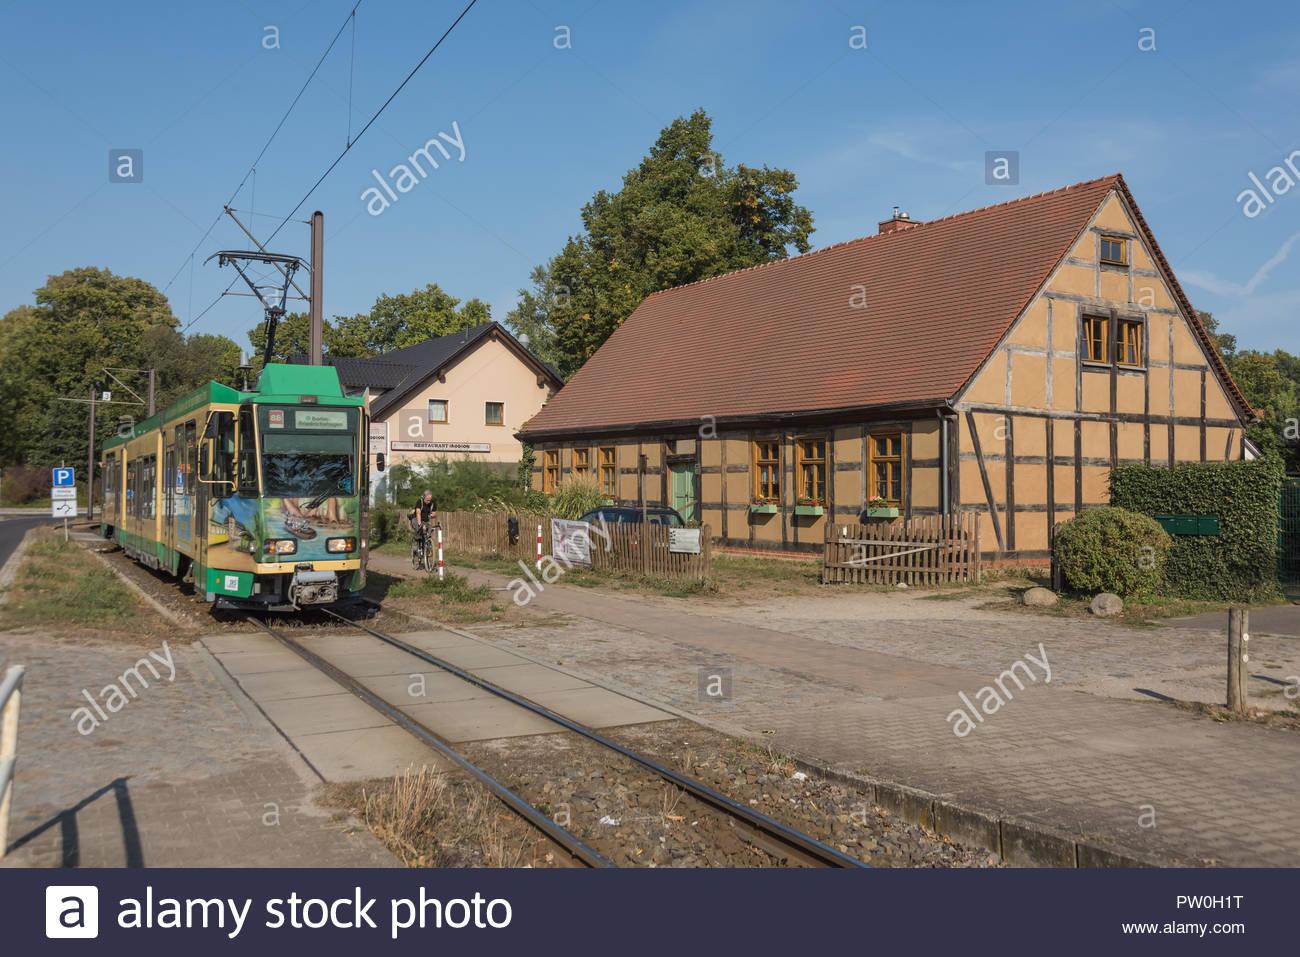 Strassenbahn Schöneiche bei Berlin (Die Strassenbahn Schöneiche bei Berlin ist eine Überlandstrassenbahn östlich in und von Berlin. sie führt vom S-Ba Stock Photo